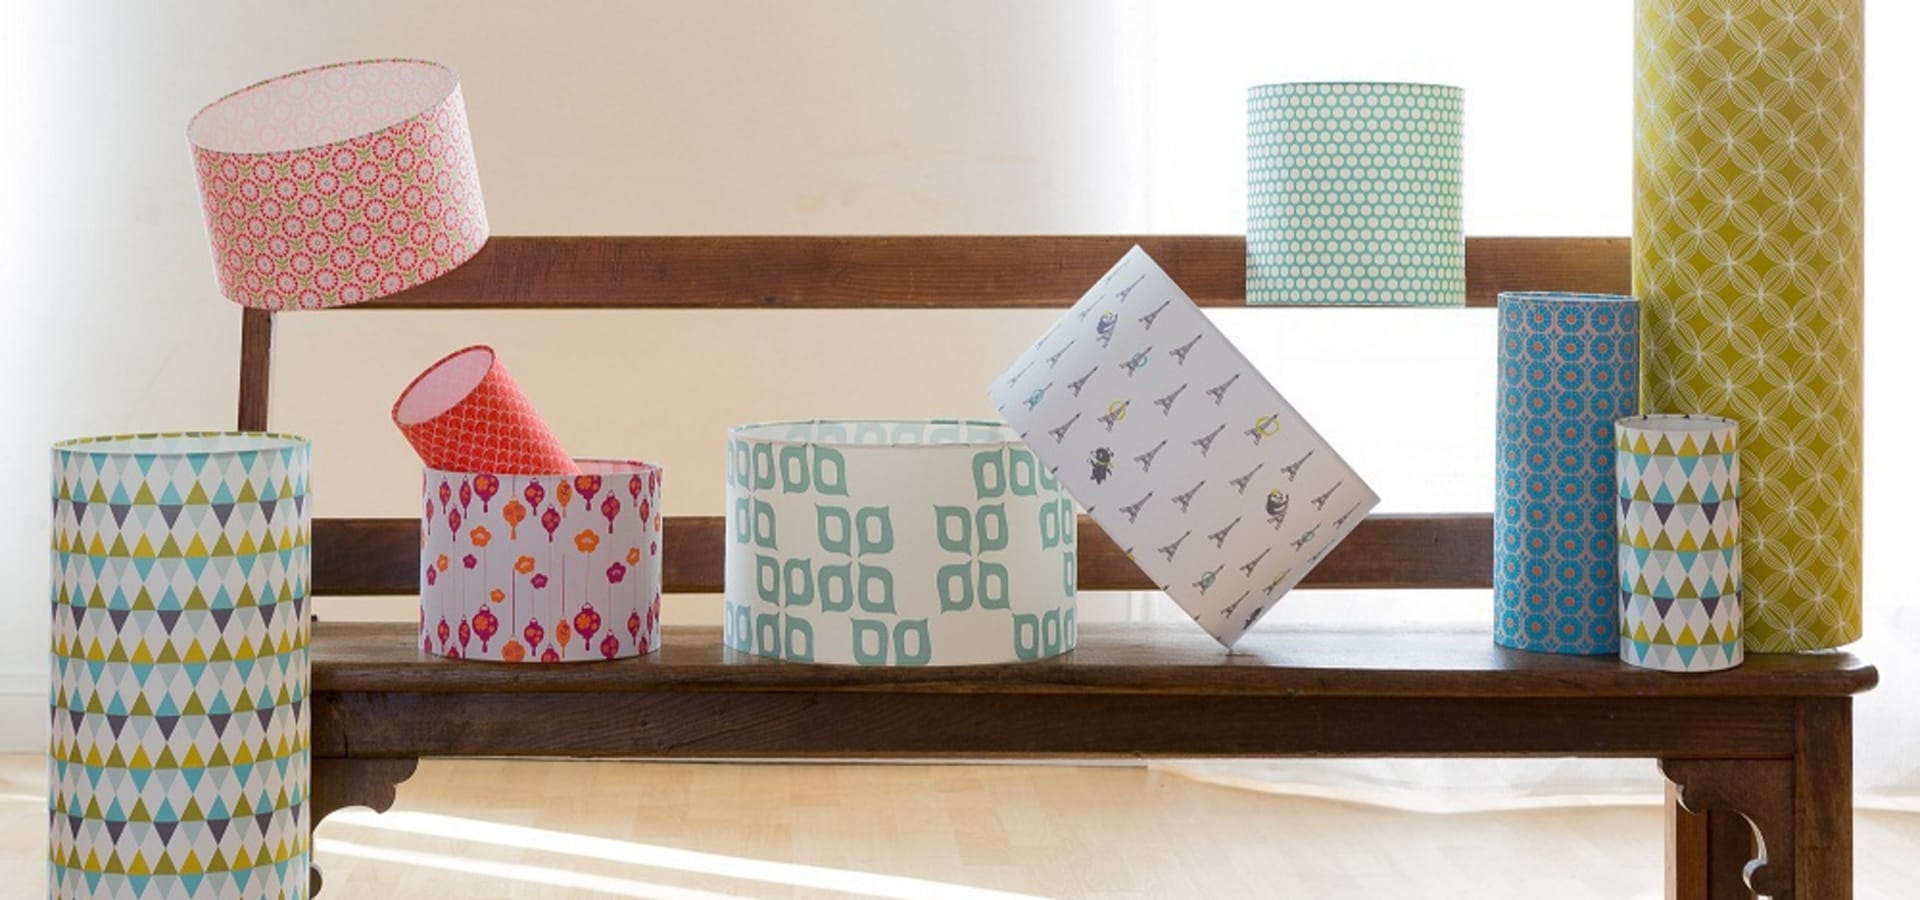 fabuleuse factory mobiliers accessoires montrouge sur homify. Black Bedroom Furniture Sets. Home Design Ideas